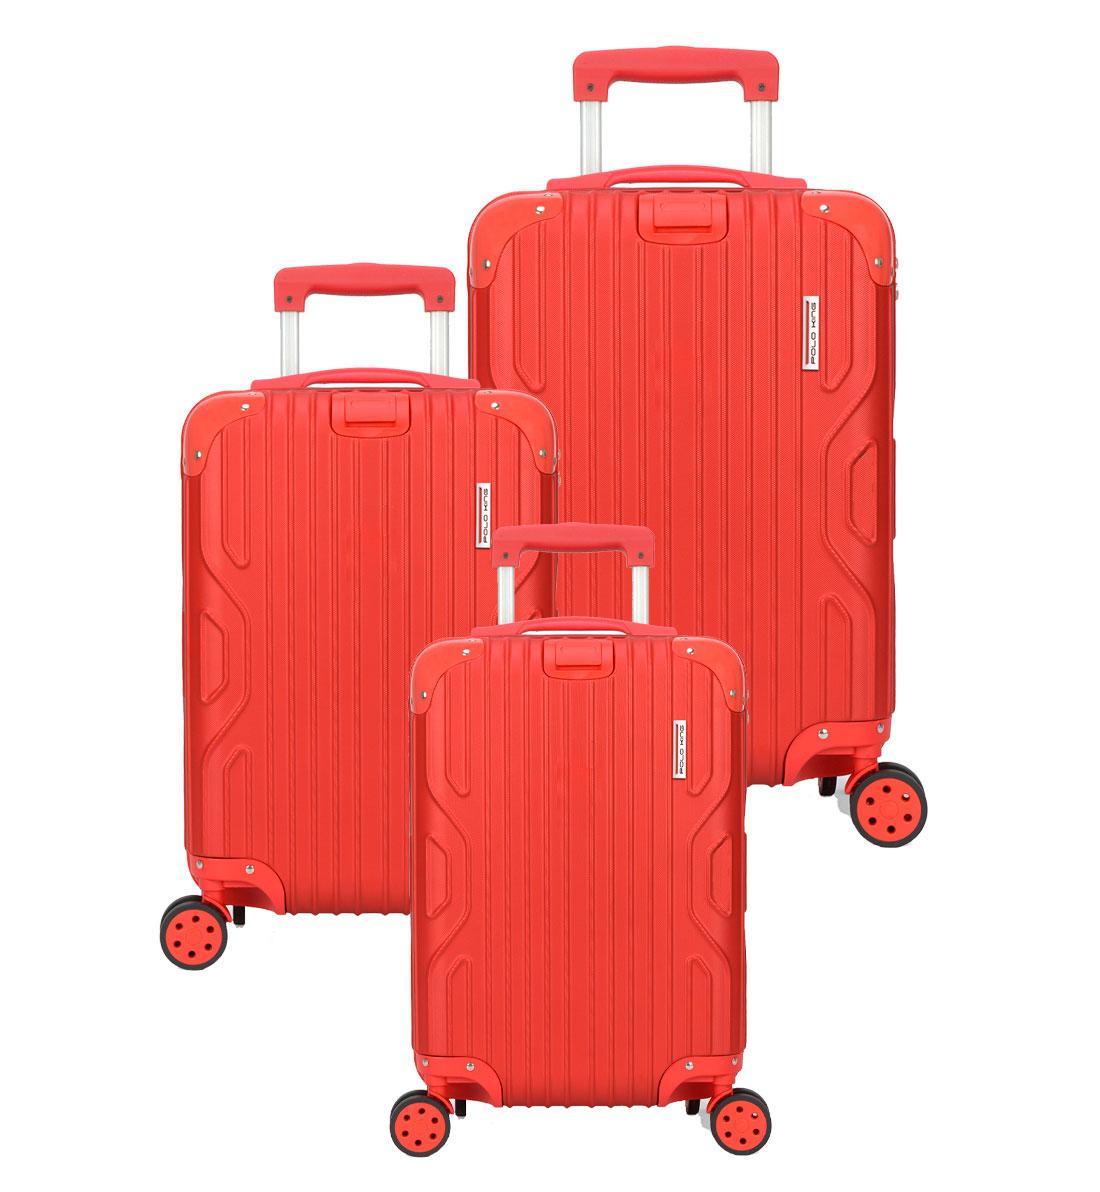 mala-de-viagem-vermelha-cintra-polo-king-conjunto